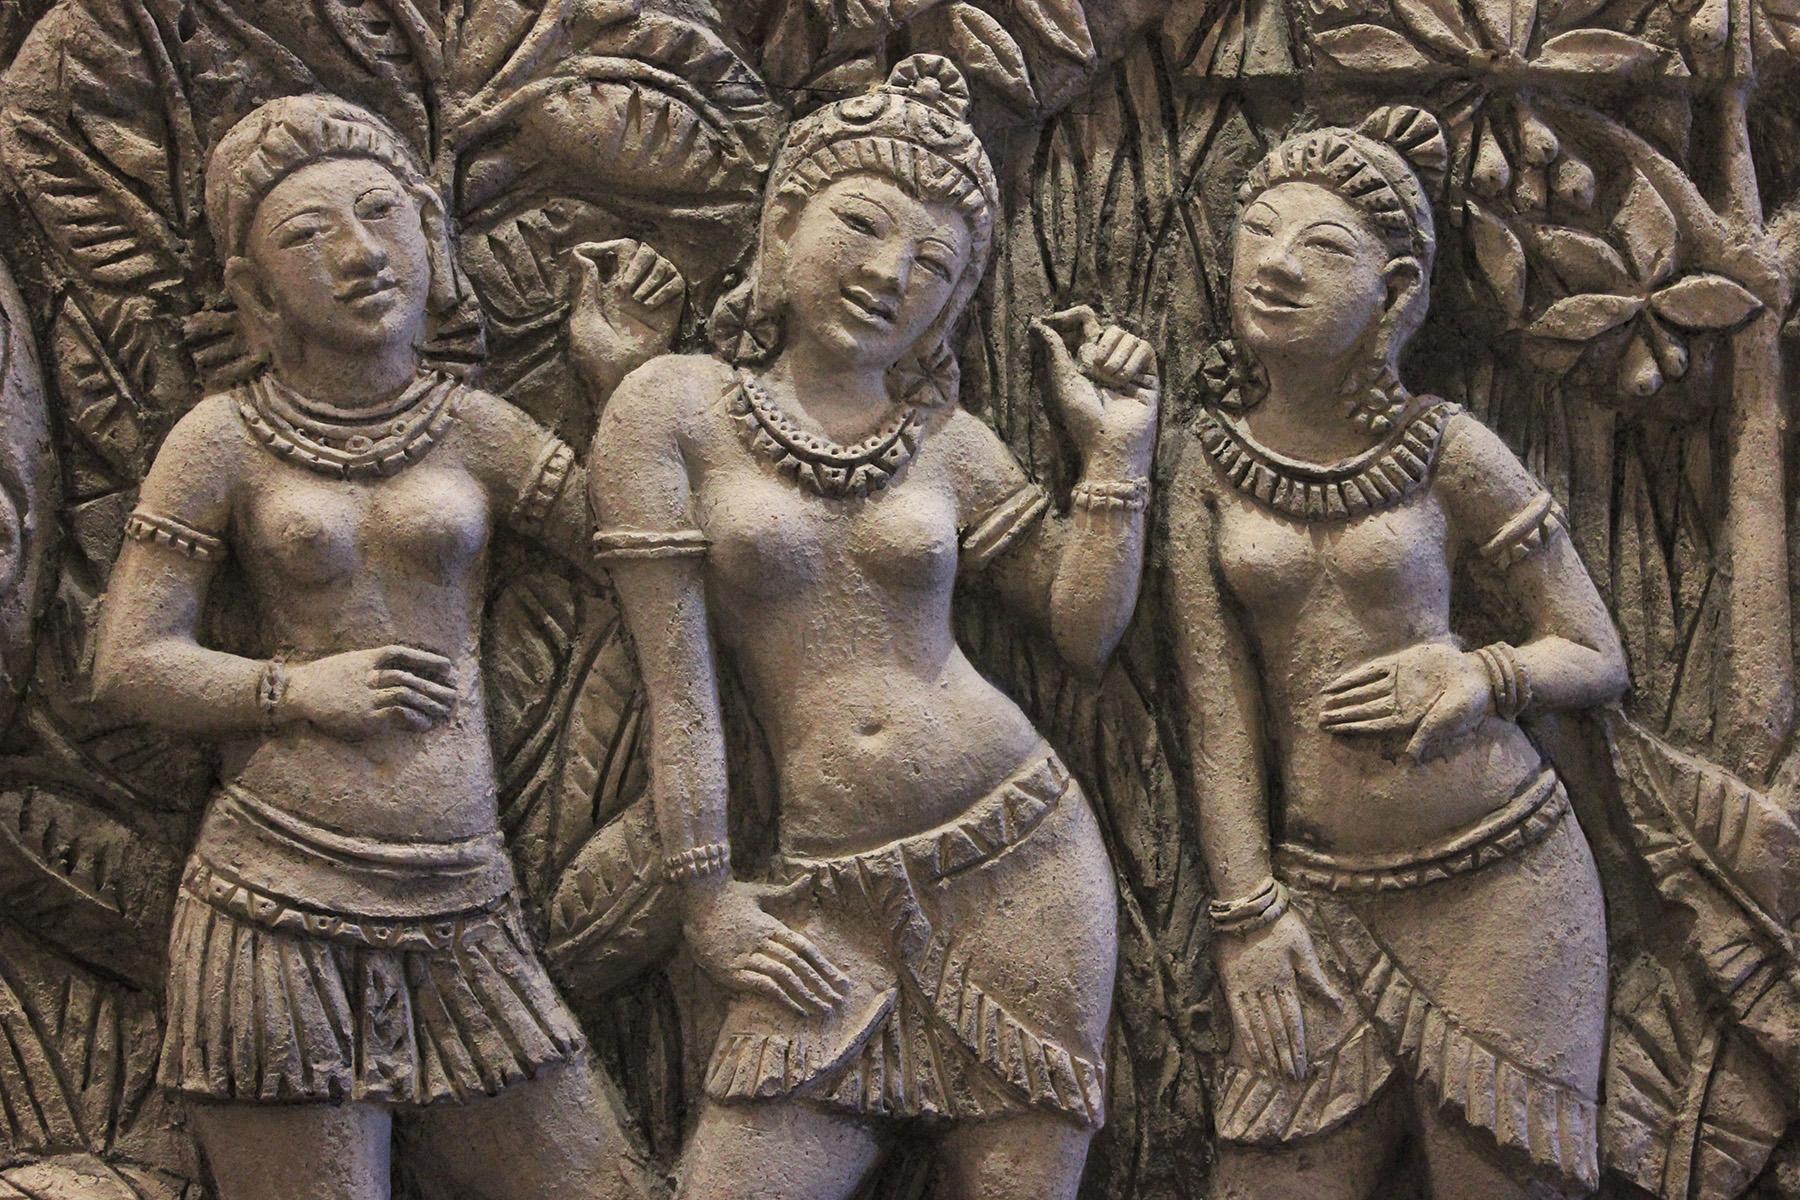 Фрагмент панно Бирма. Автор исполнитель Елена Афти. Материал шамотная глина.